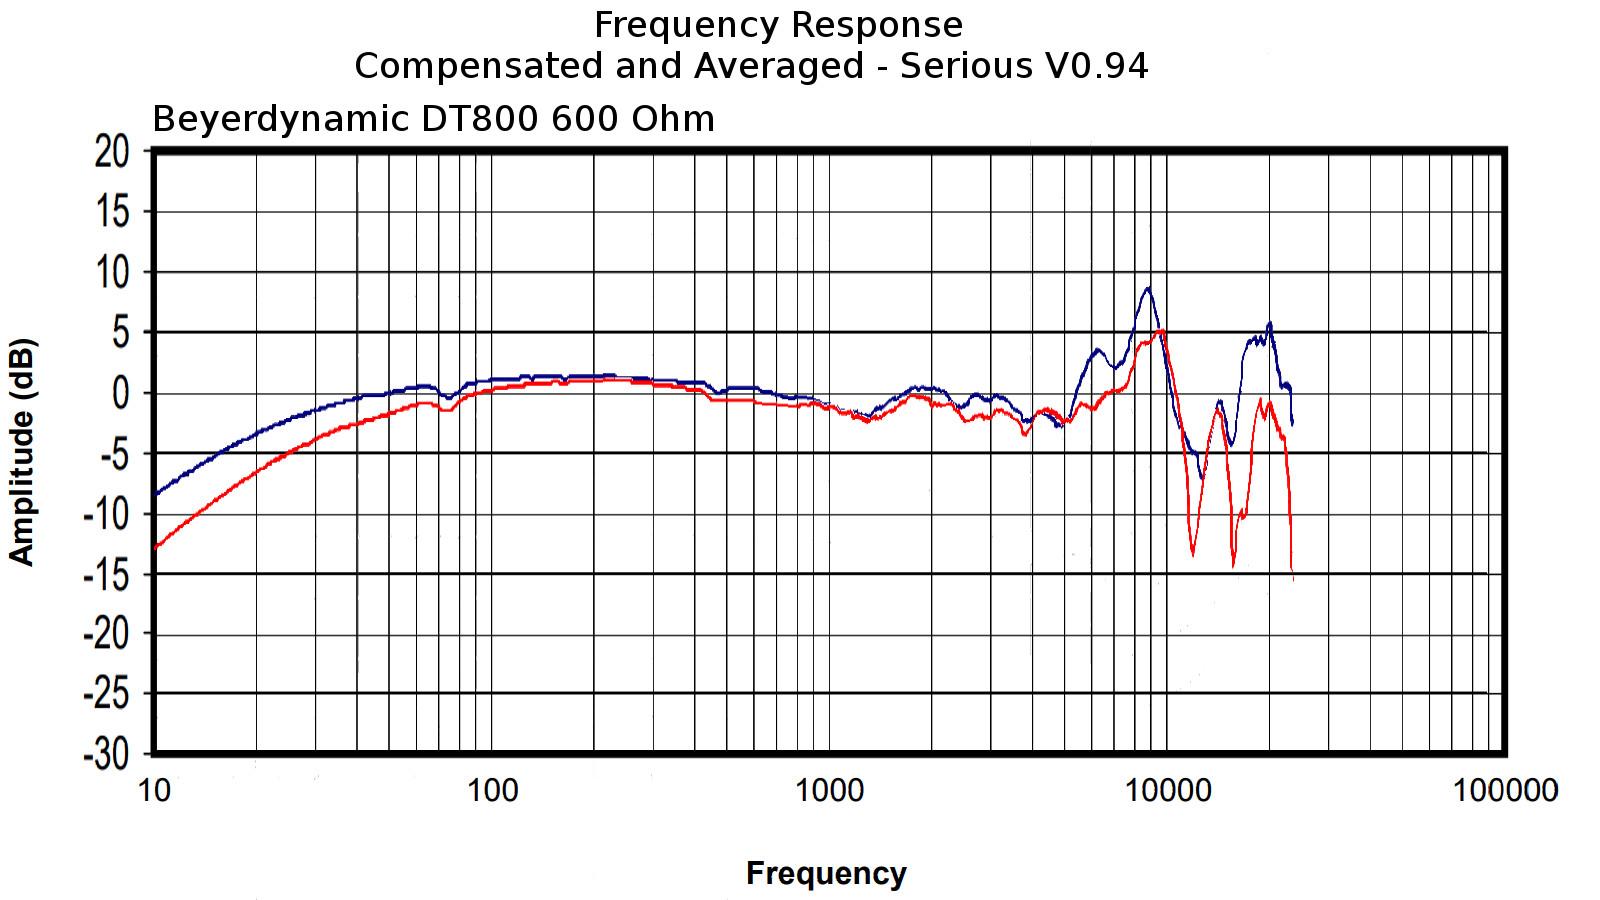 Beyerdynamic DT800 600 Ohm.jpg